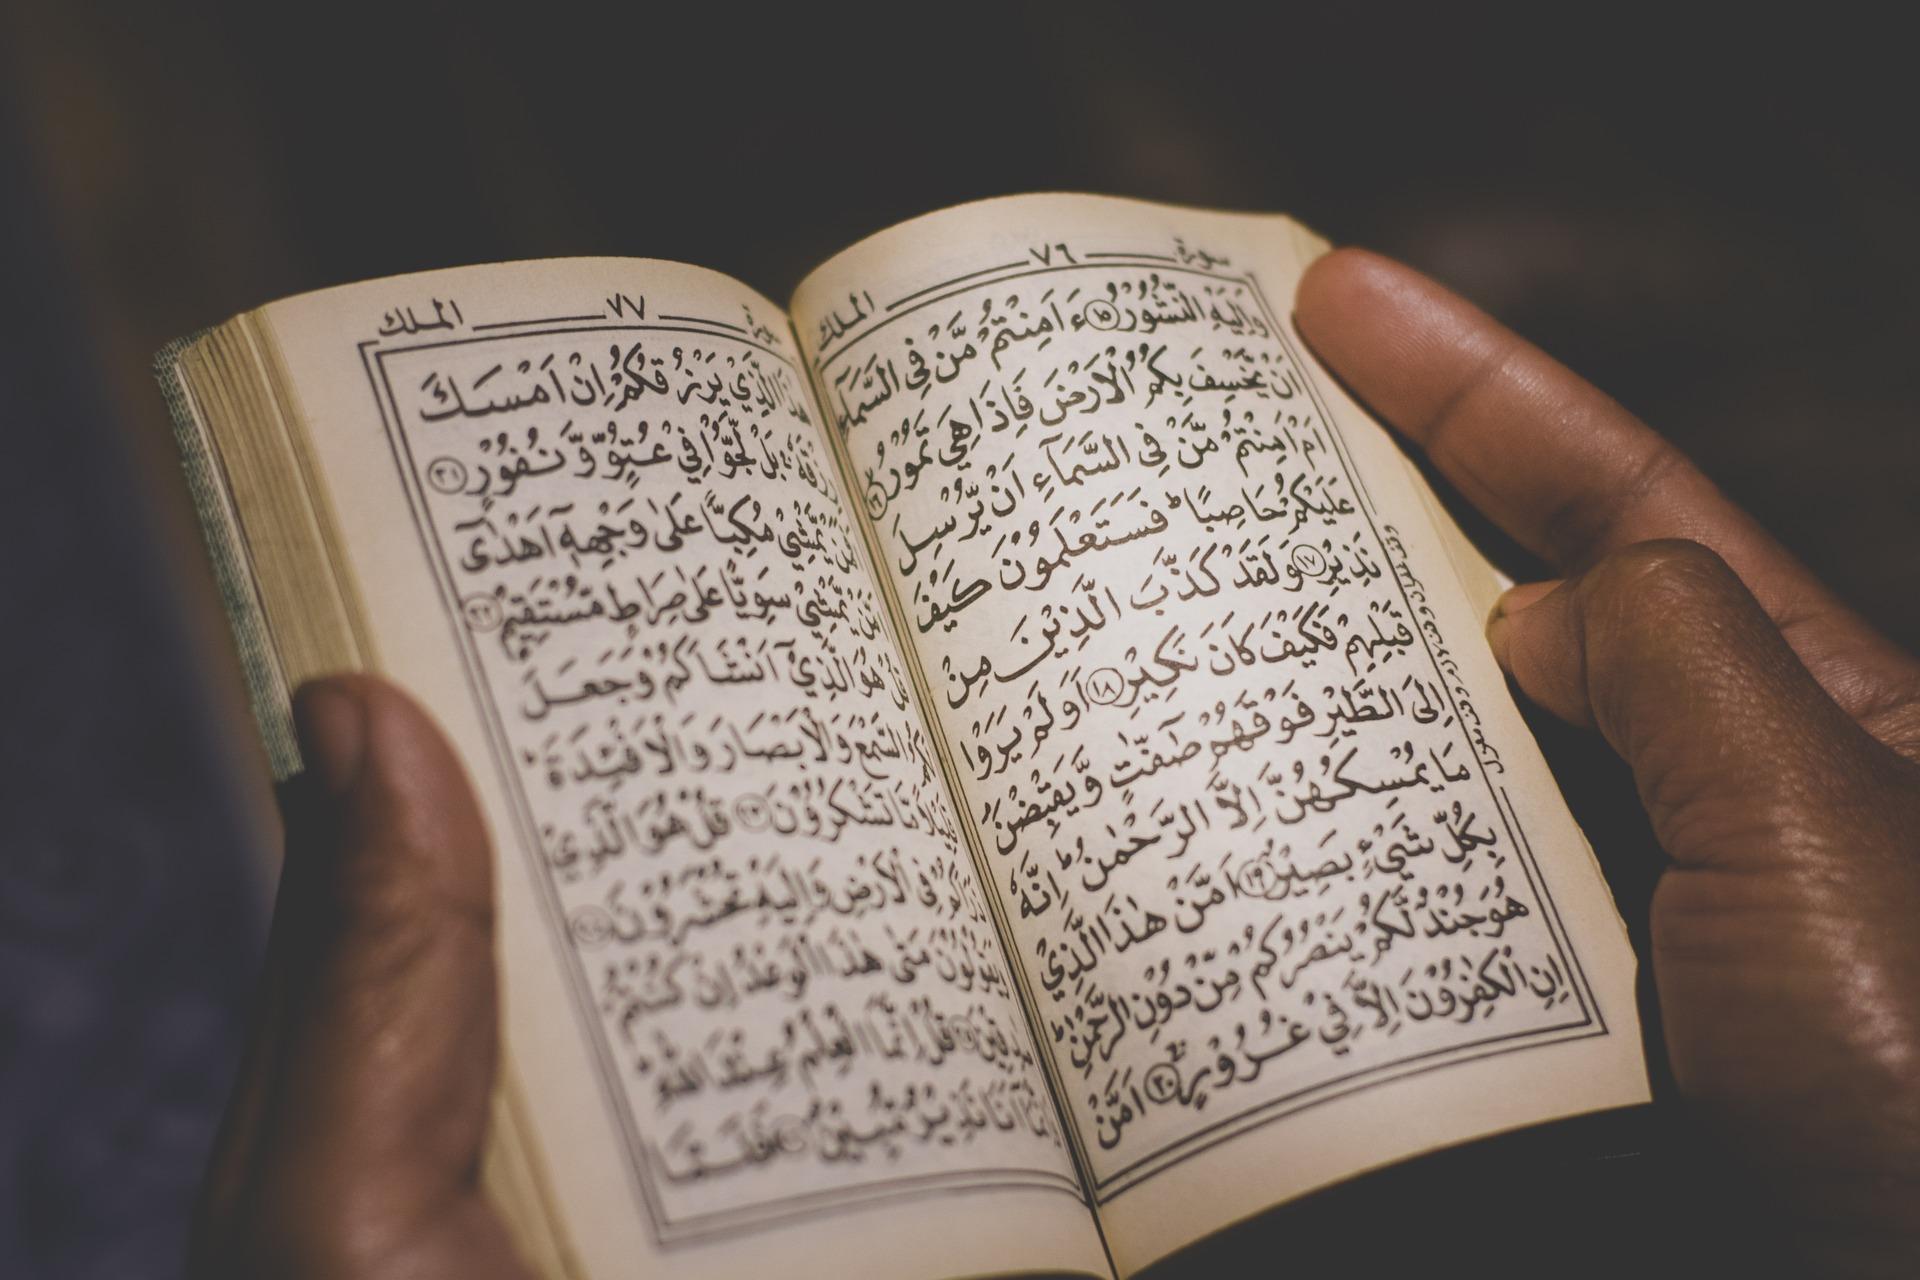 Terrorism — från islam eller muslimer?